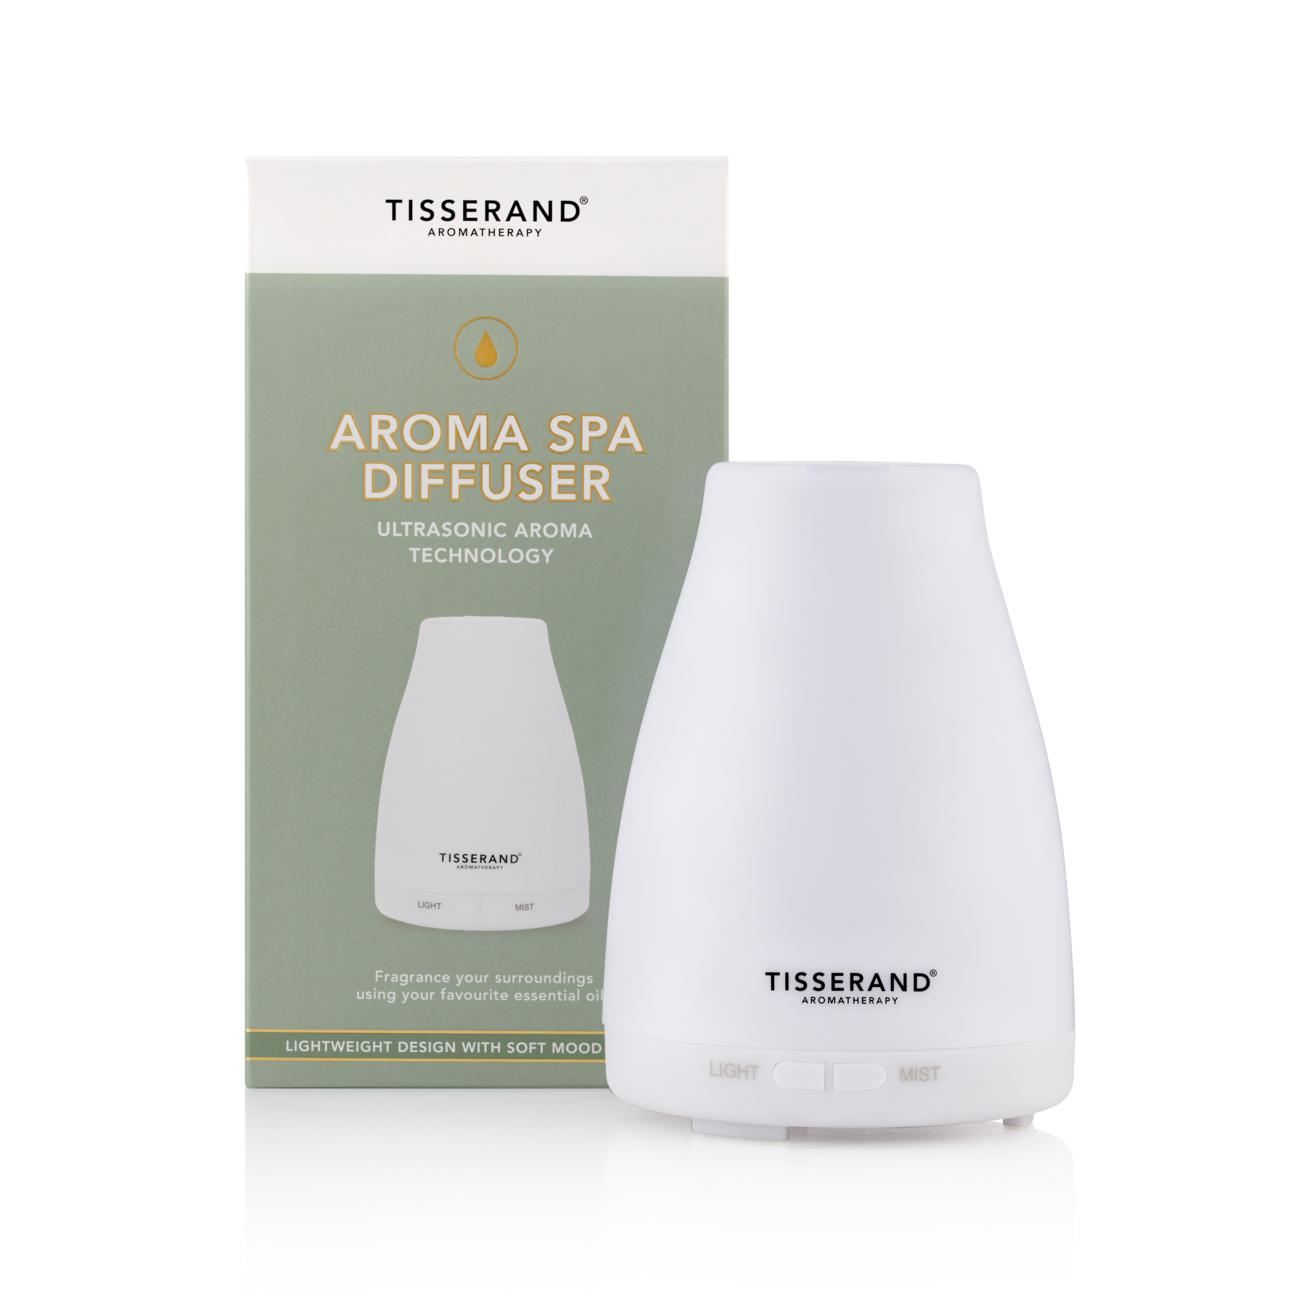 Aroma Spa Diffuser